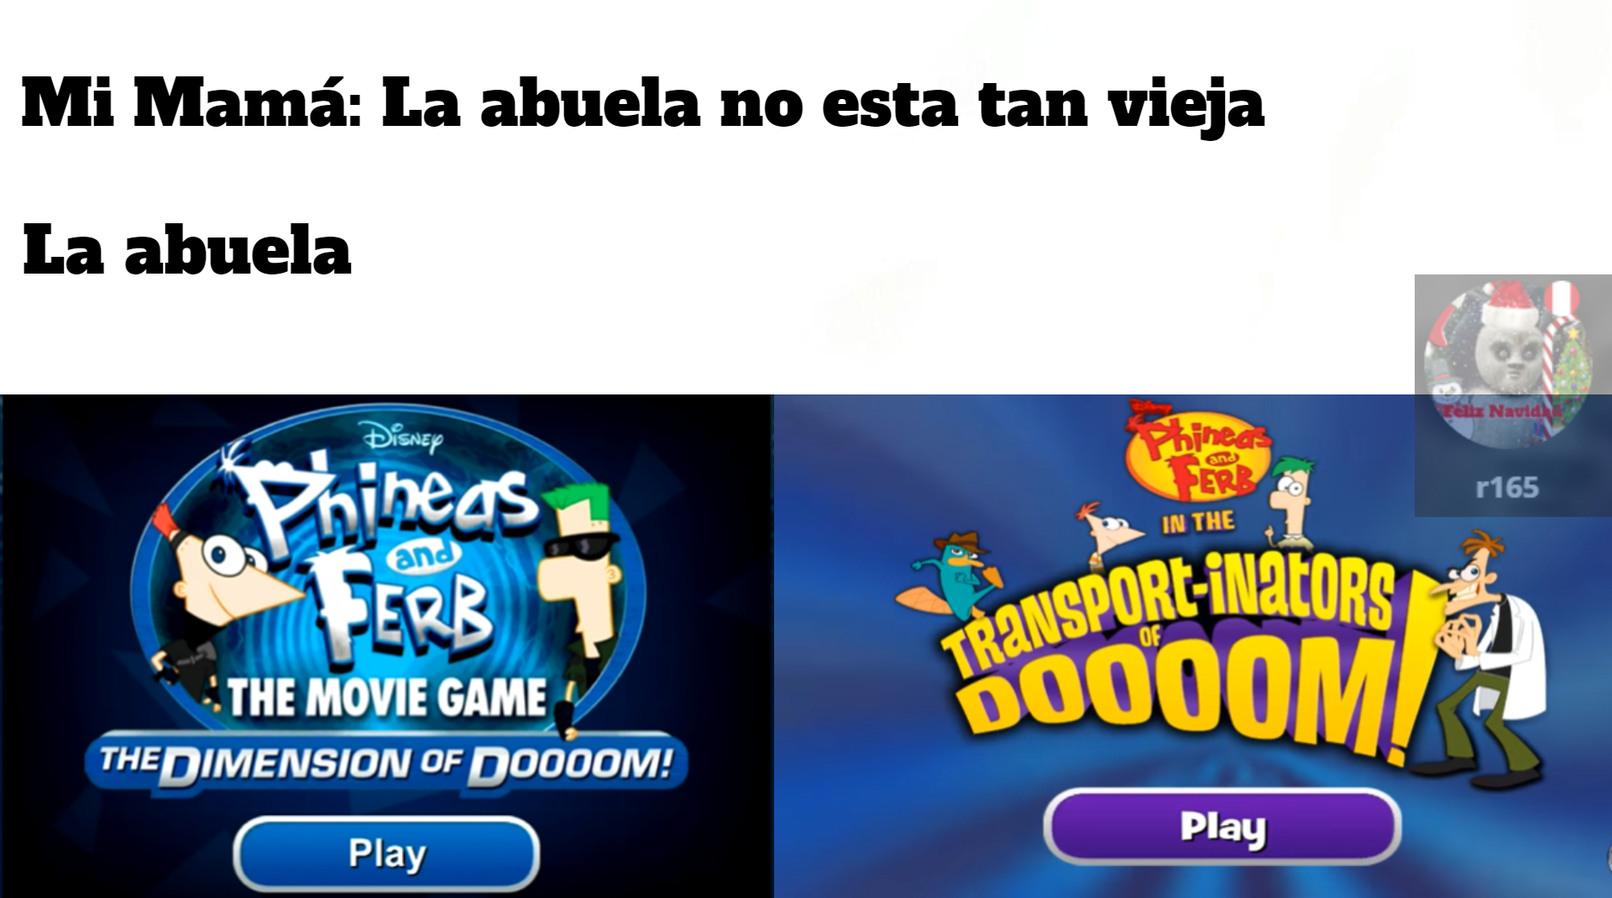 Grandes juegos - meme